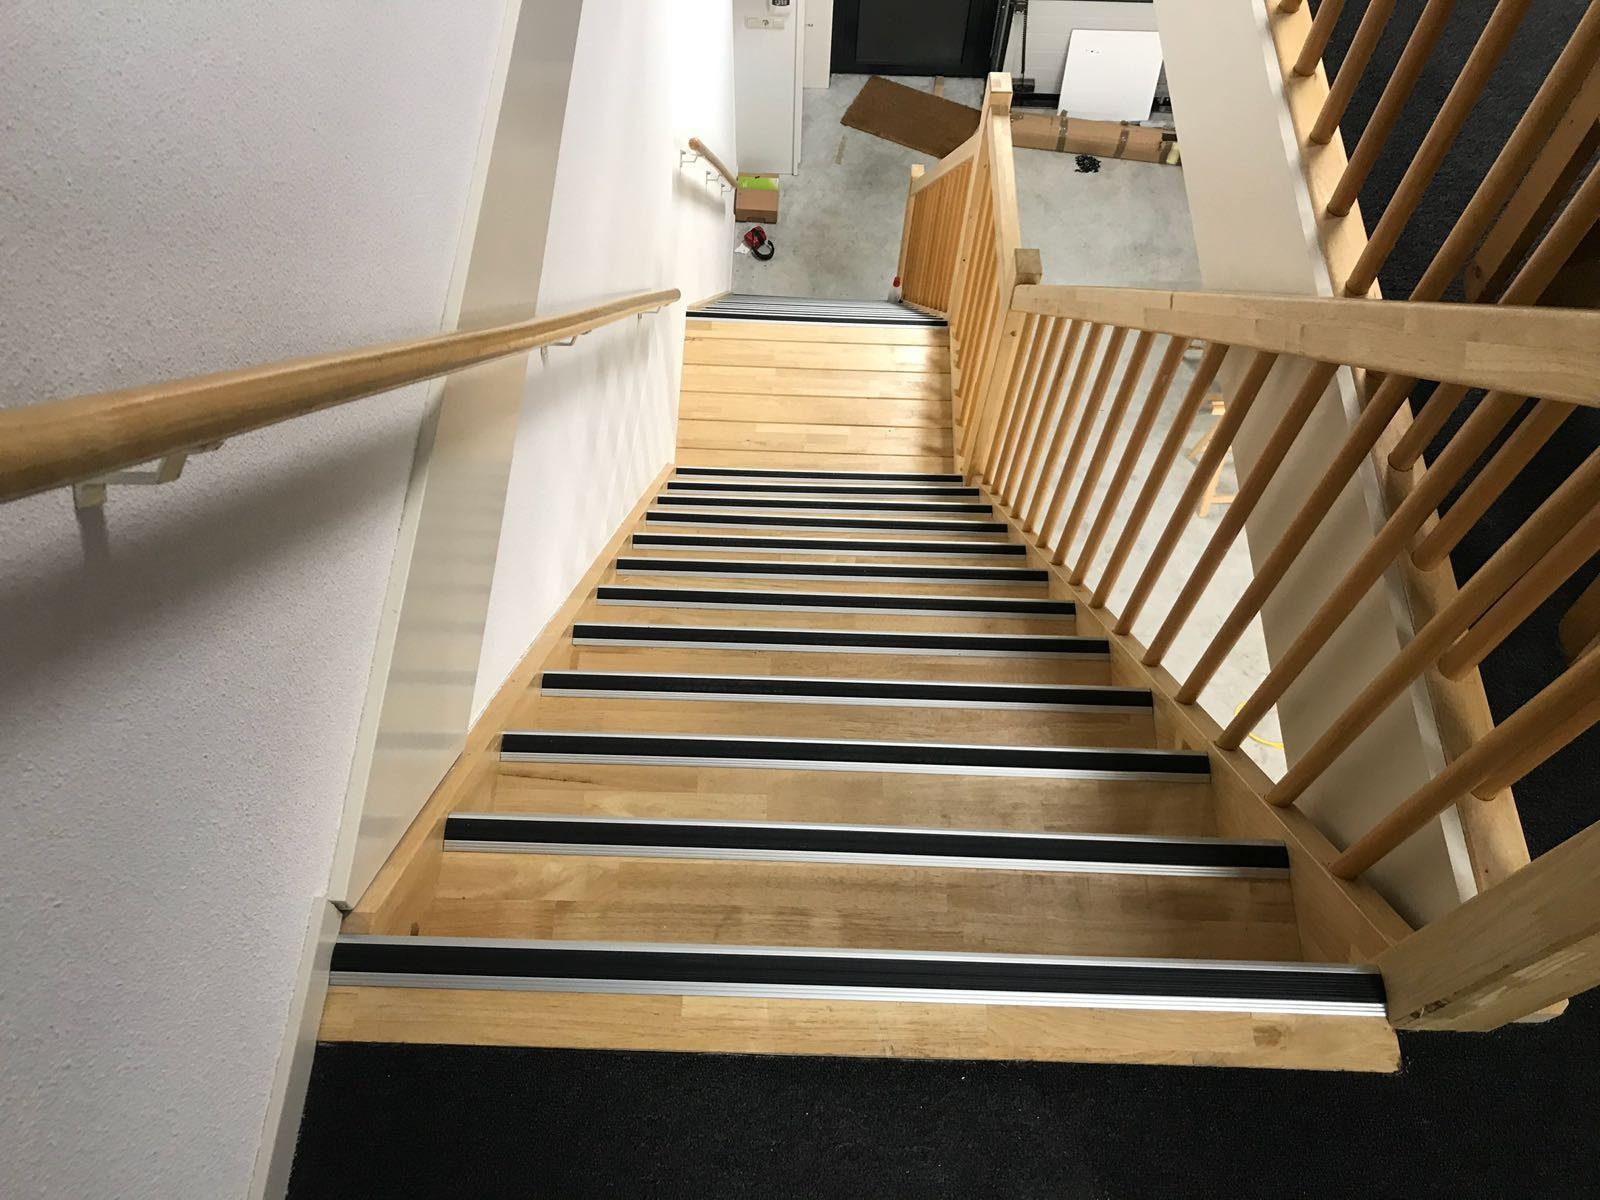 Aluminiowe profile przejściowe, narożniki, profile schodowe i profile krawędzi schodów z gumowymi listwami antypoślizgowymi